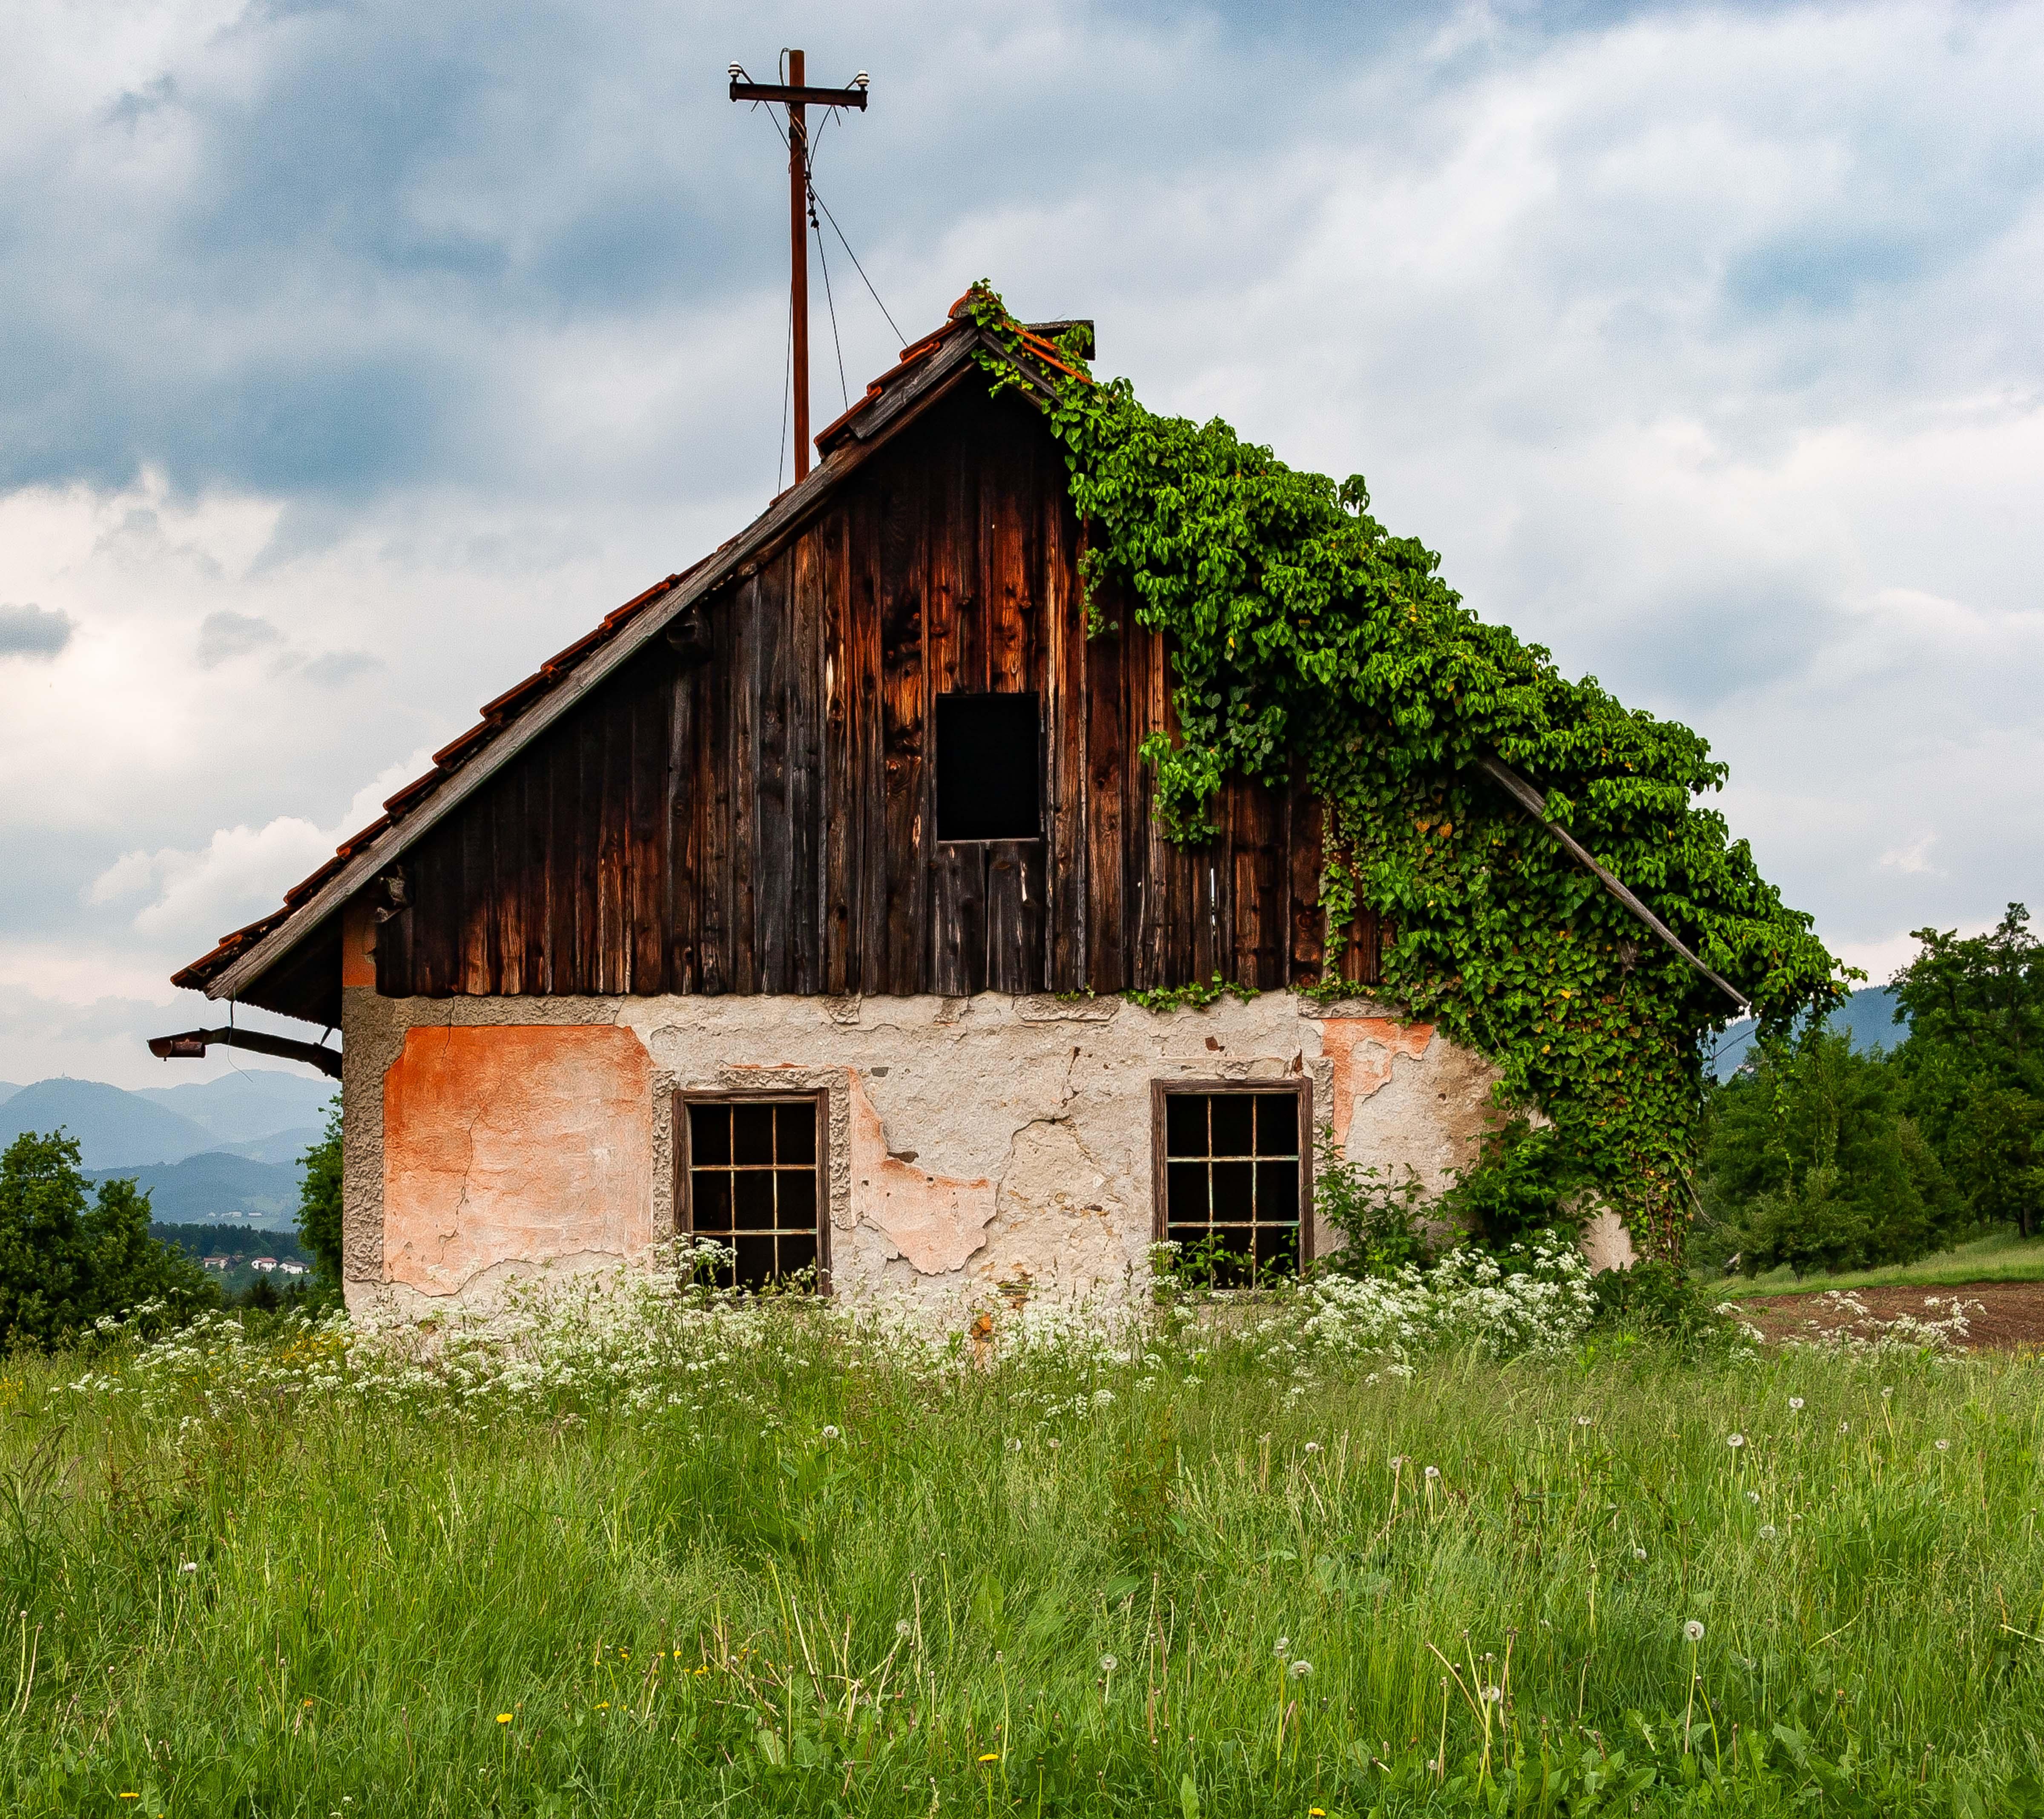 Slovenia, Polzela Prov, Abandoned House, 2006, IMG 8145